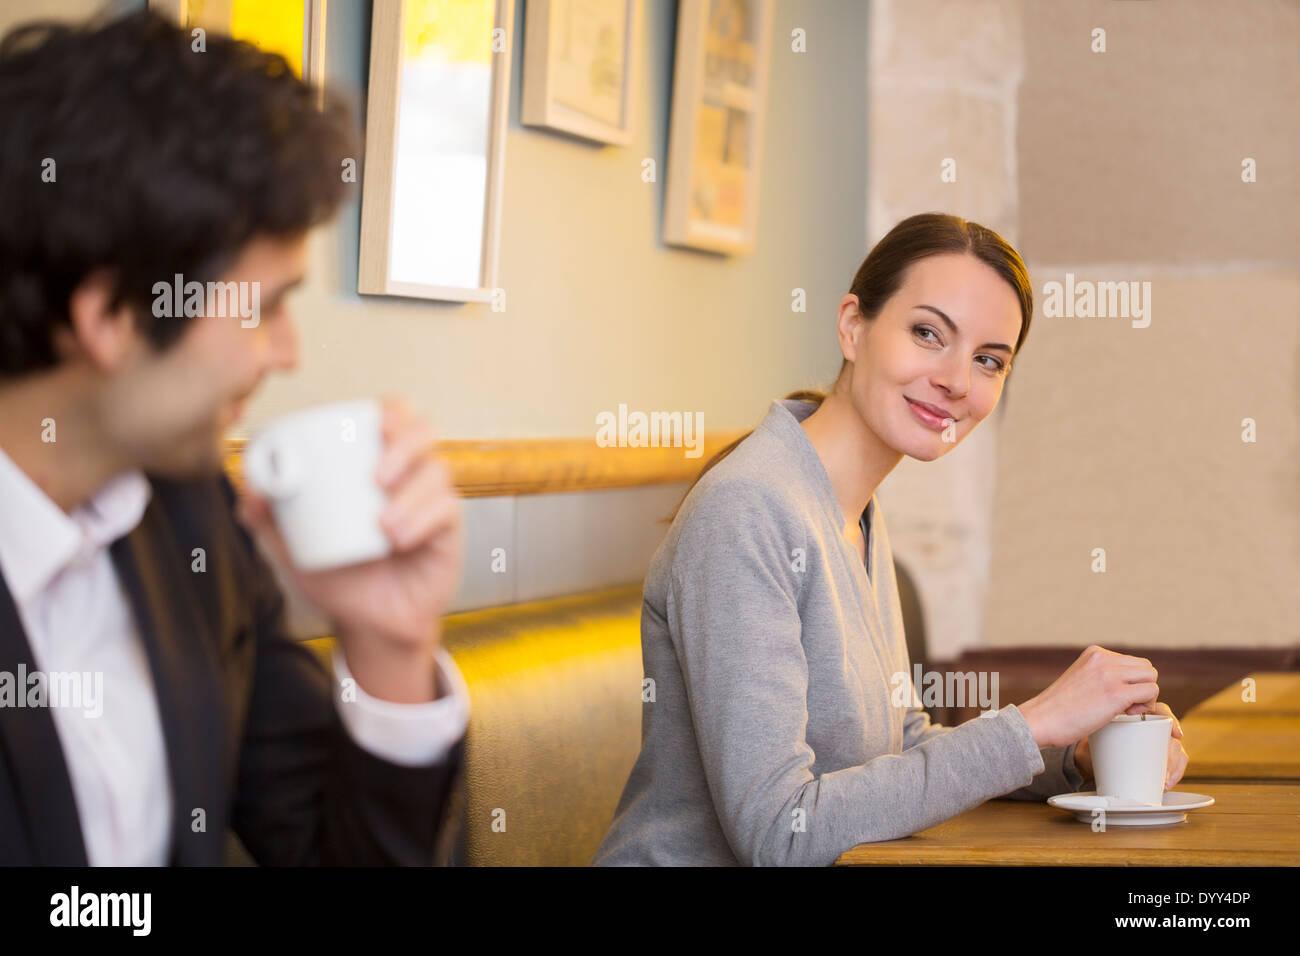 Donna Uomo sorridente ristorante amore data Immagini Stock